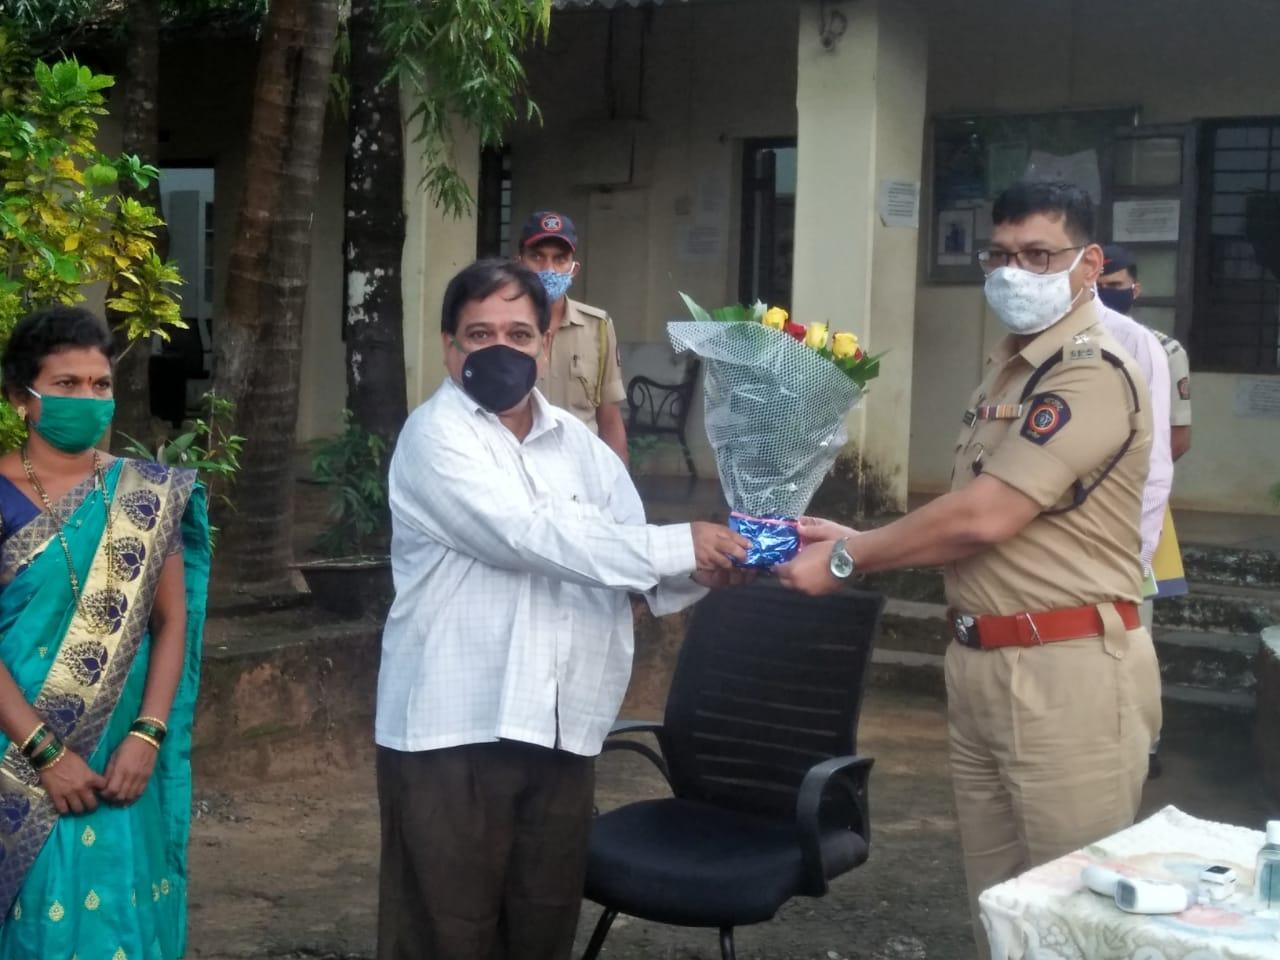 नवरात्रोत्सव कालावधीत गरबा दांडिया व सांस्कृतिक कार्यक्रमाचे आयोजन करु नये – पोलीस अधीक्षक राजेंद्र दाभाडे